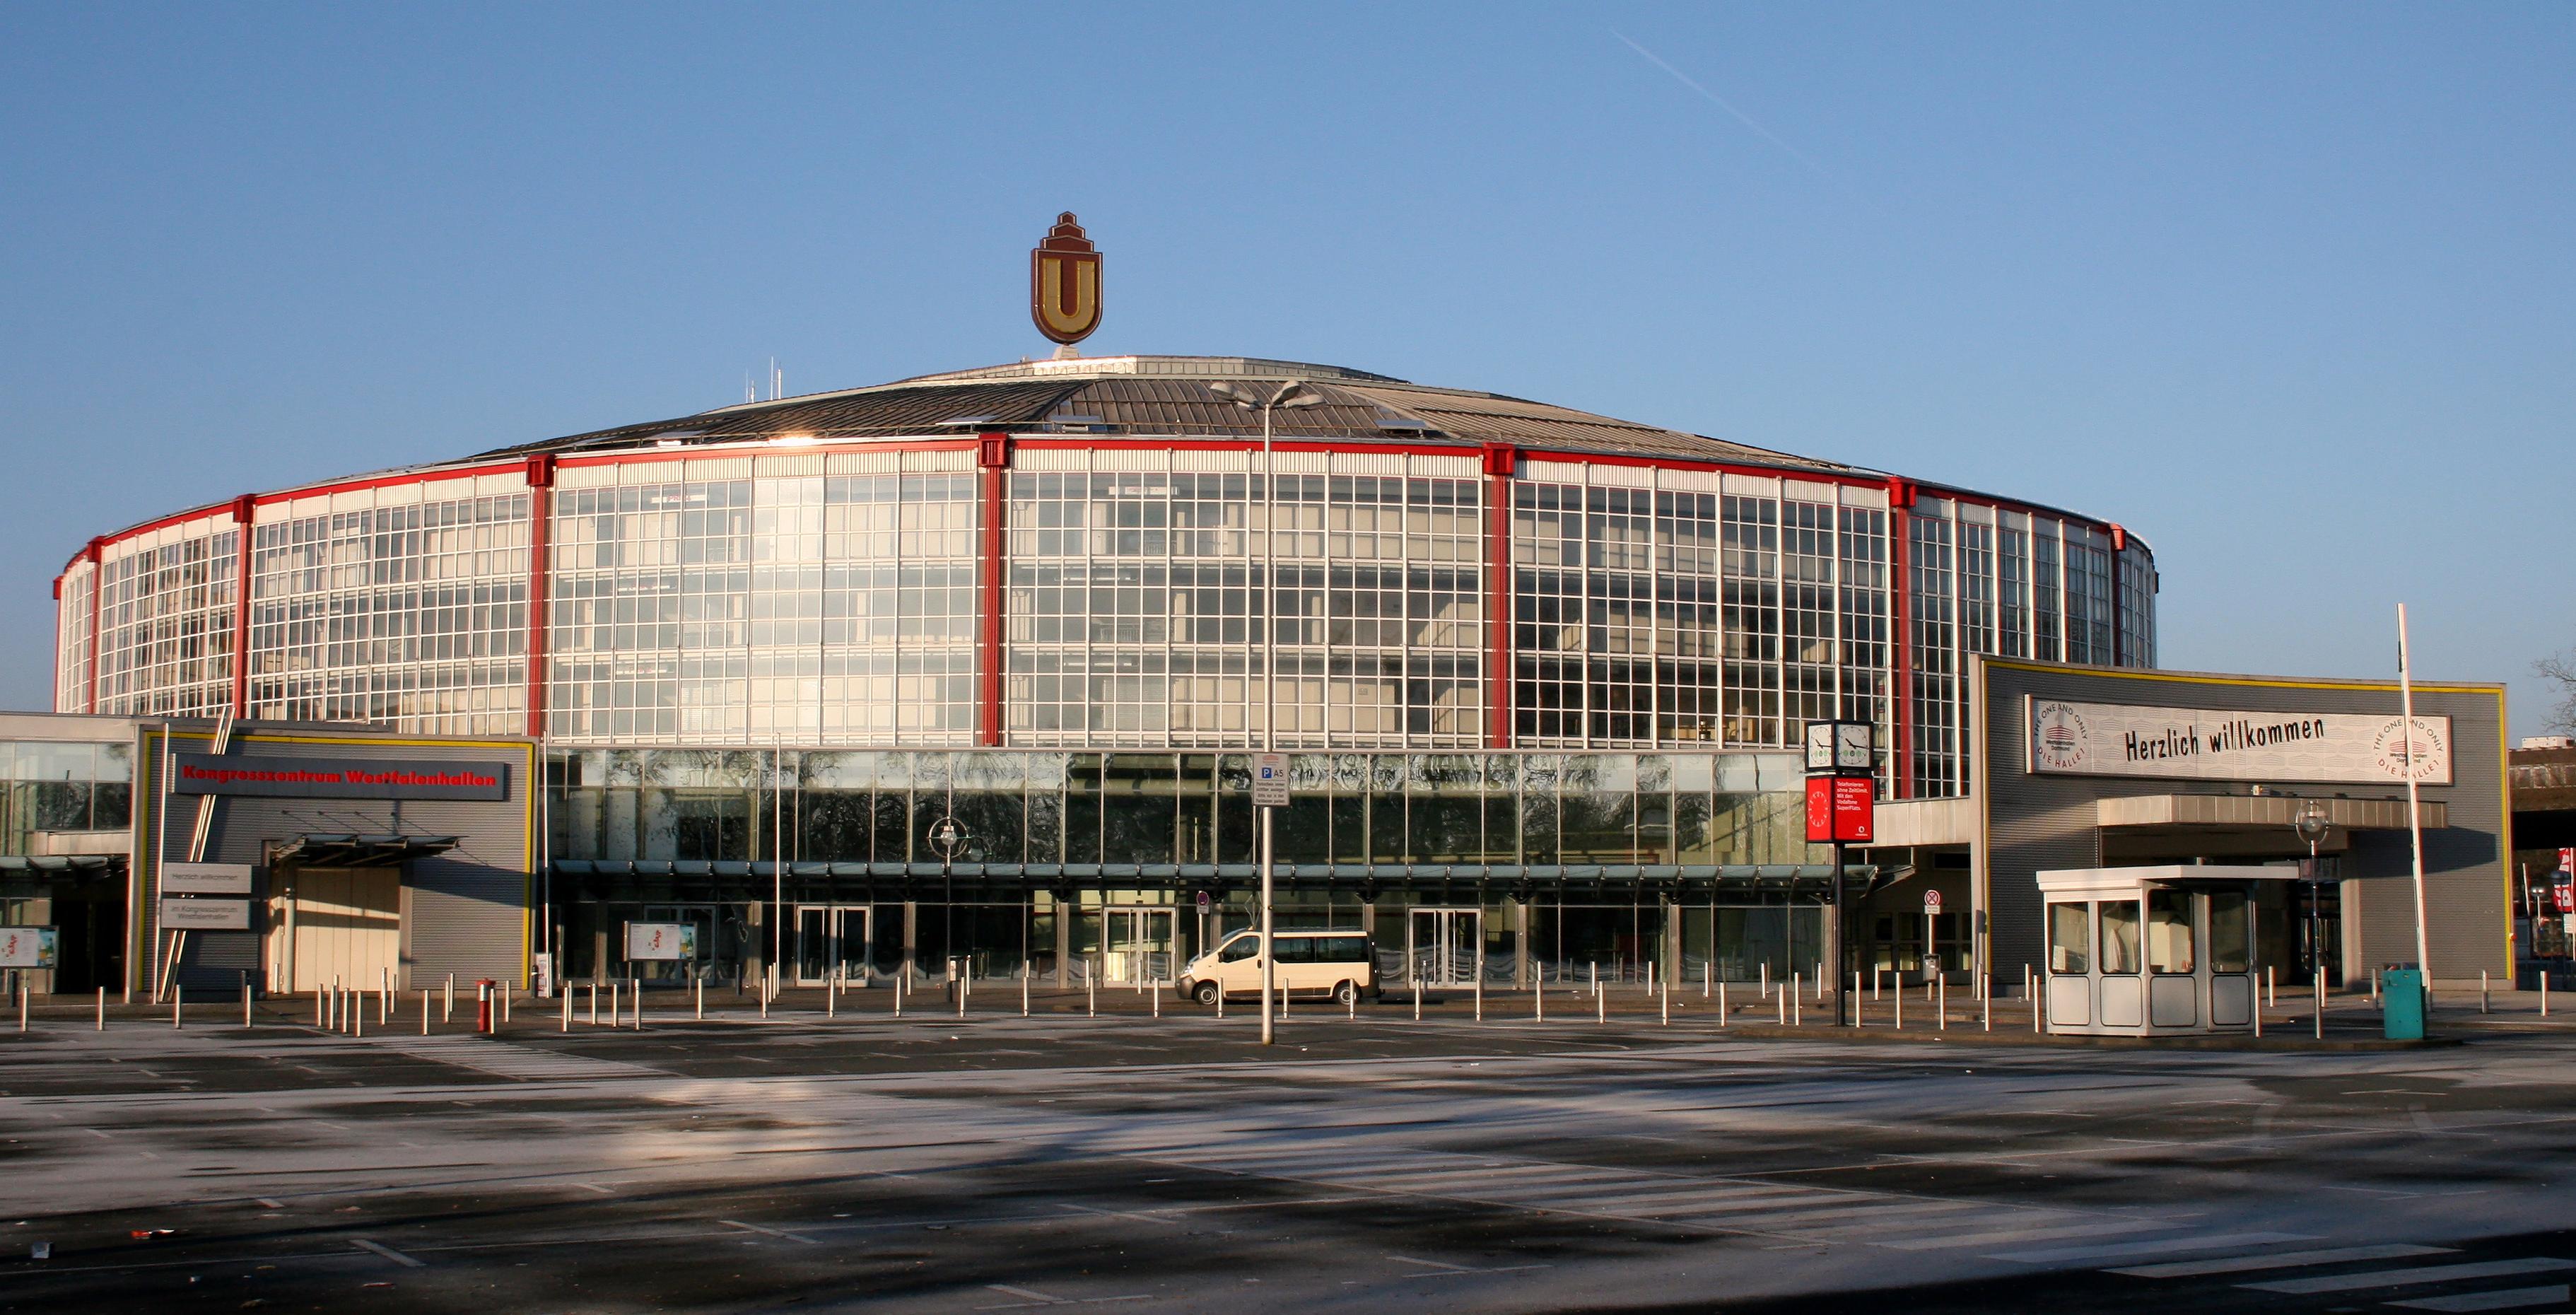 understood Partnersuche Rheinland-Pfalz finde deinen Traumpartner final, sorry, too